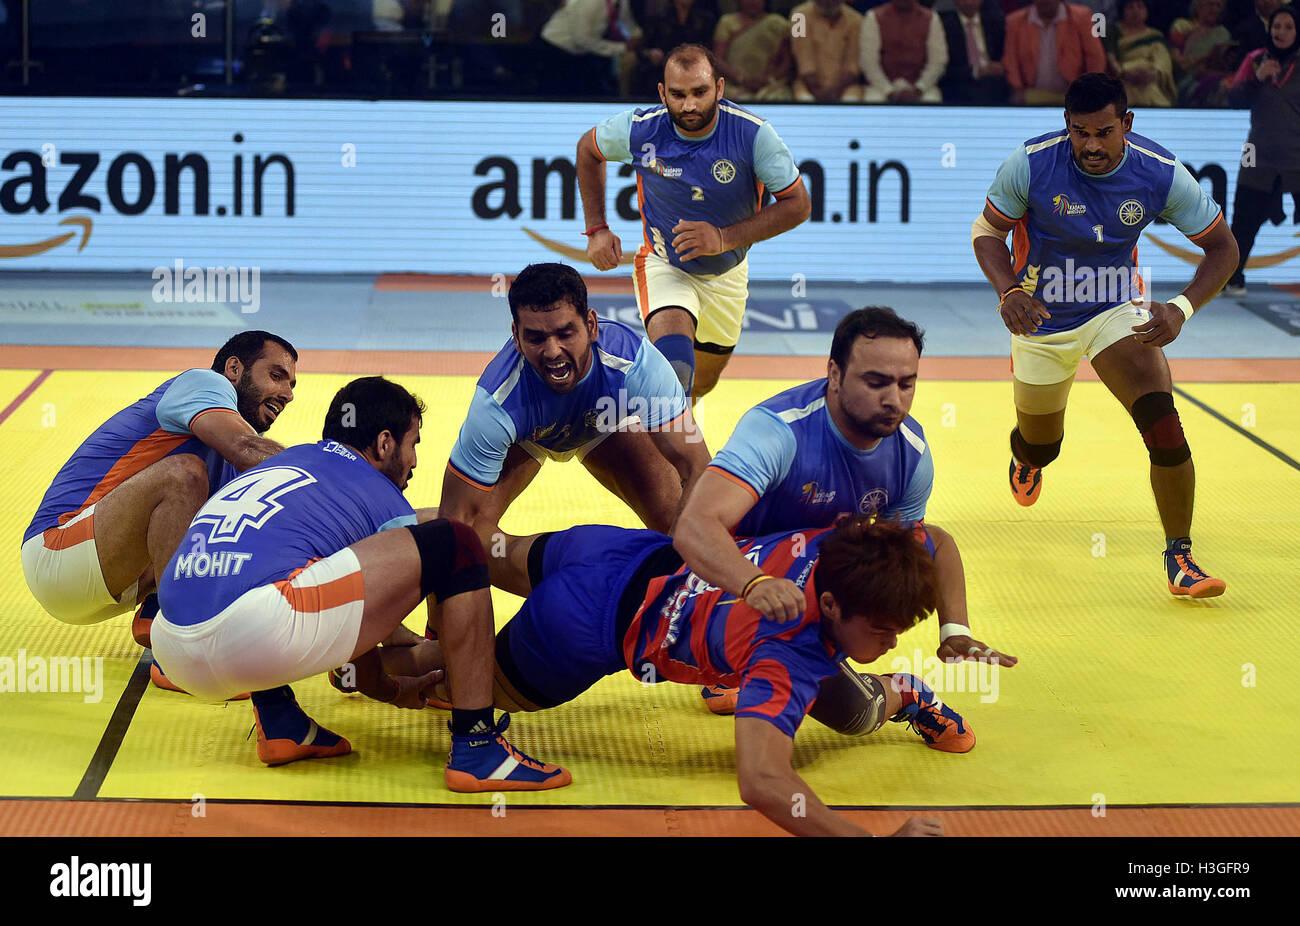 En Ahmedabad, India. 7 Oct, 2016. Indian jugadores abordar un jugador de Corea del Sur (abajo) durante el partido Imagen De Stock